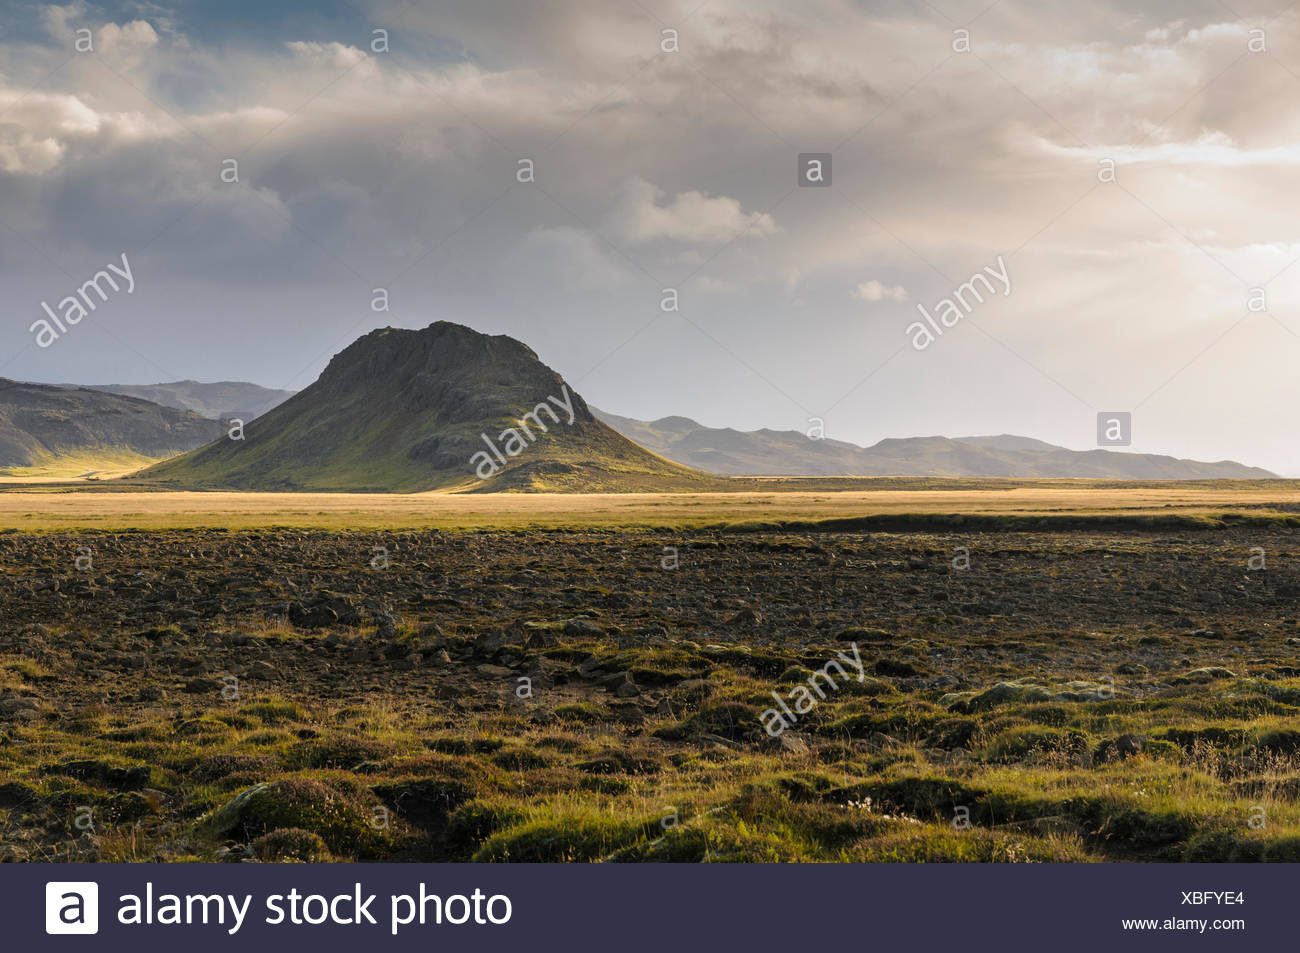 Einsamen Hügel in der Region von Krysuvik auf der Halbinsel Reykjanes im Südwesten Islands. Stockbild